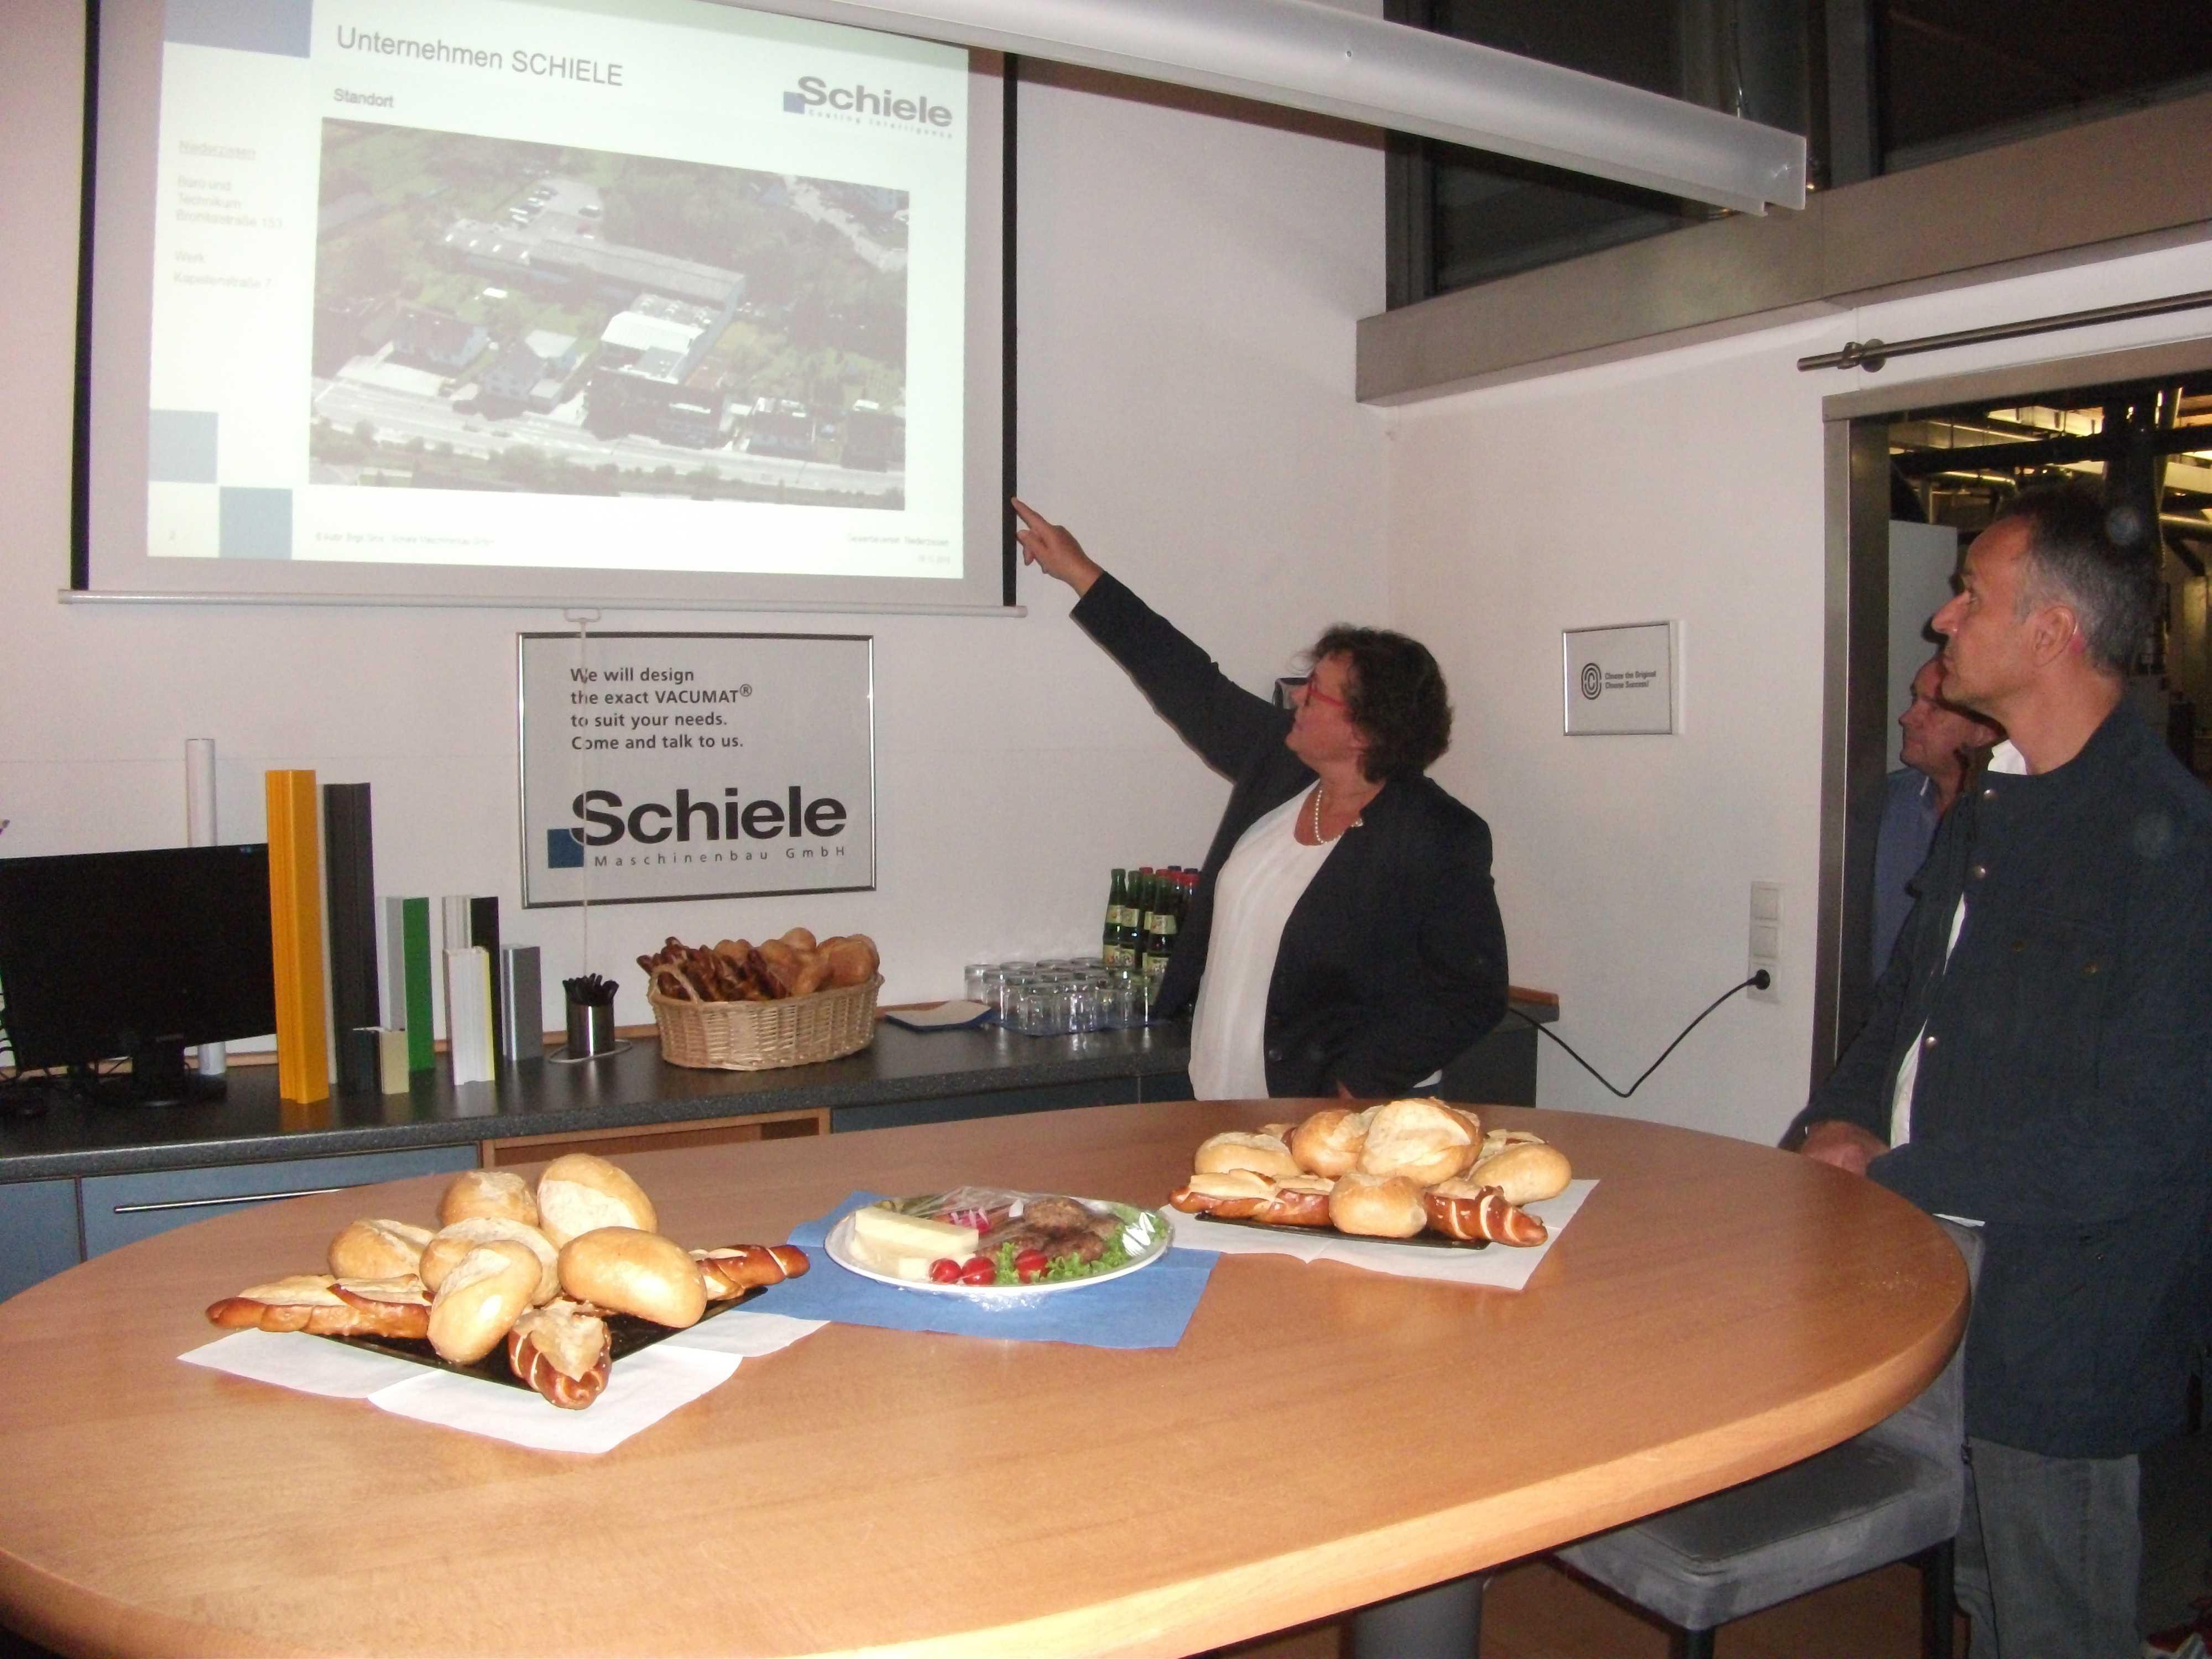 Gewerbeverein Niederzissen zu Gast bei Schiele Maschinenbau GmbH